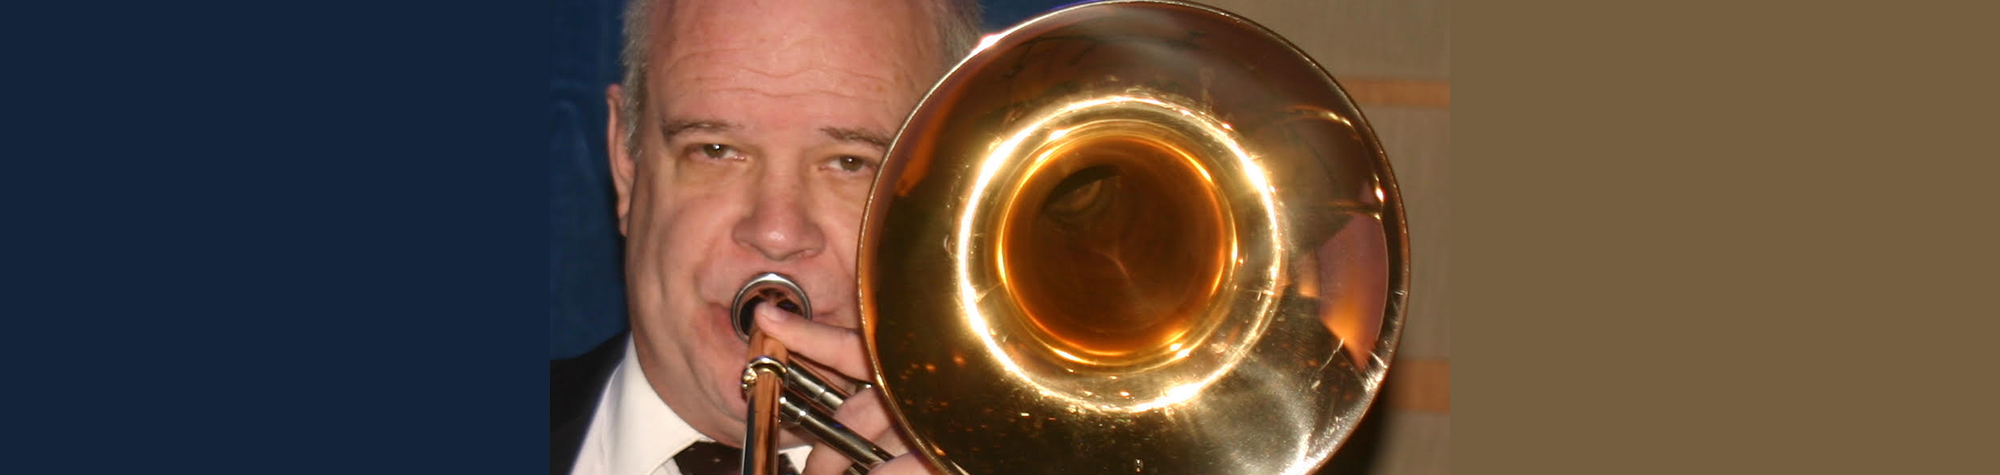 Robert Sanders Trombone Interview – Trombone Corner #4